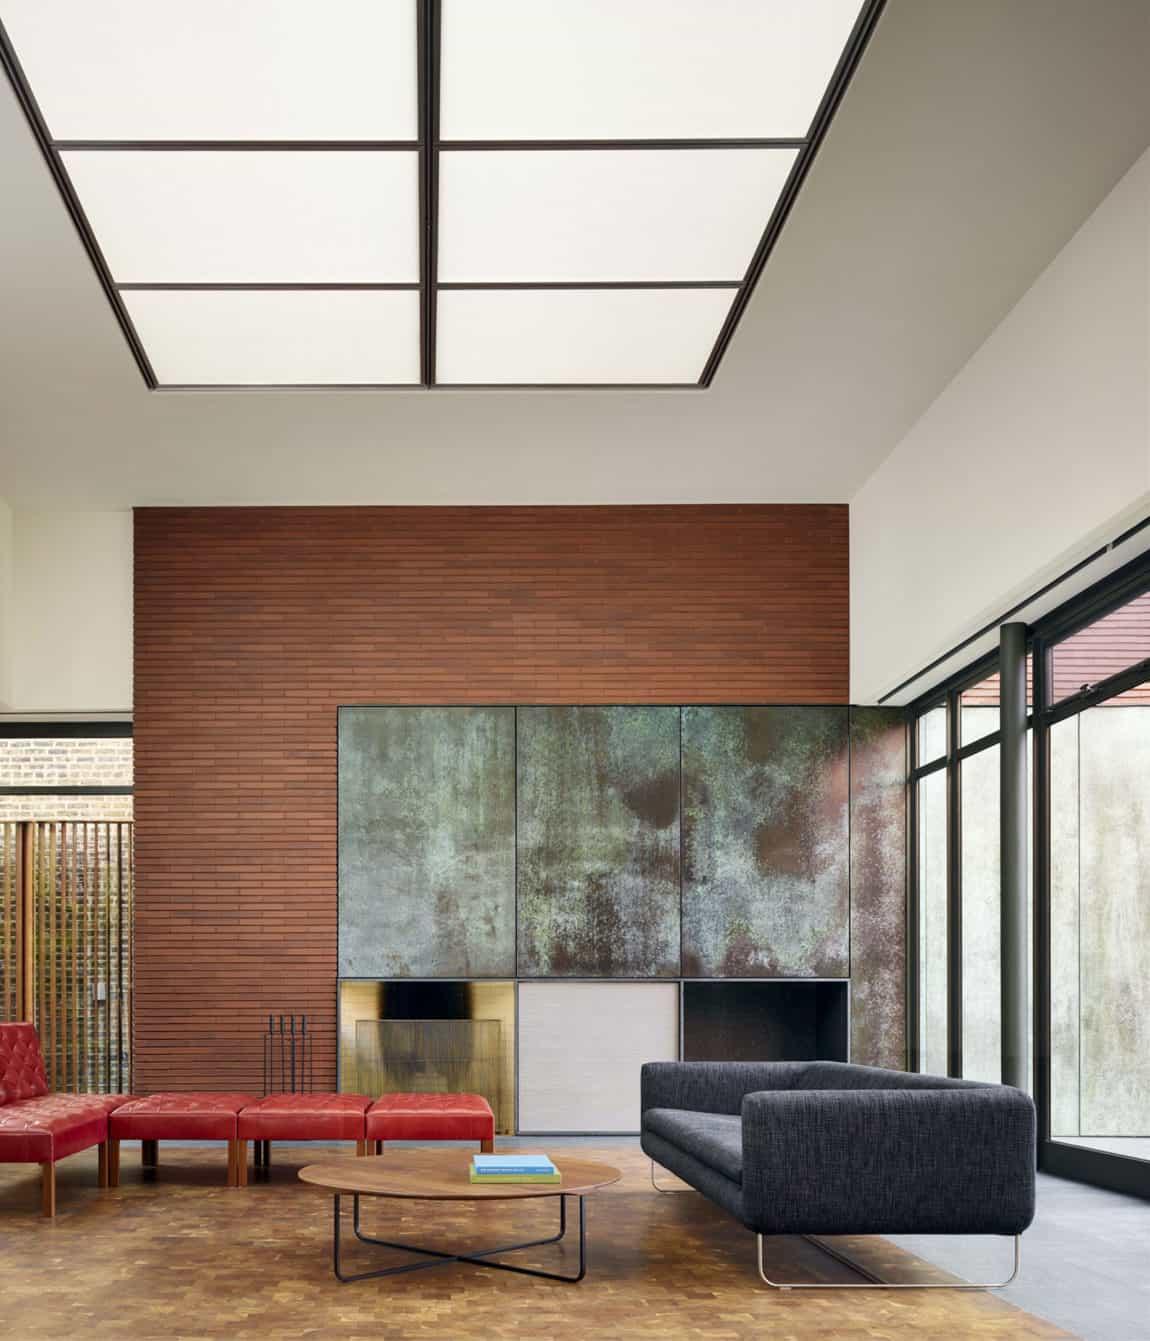 Wood House by Brininstool + Lynch (13)